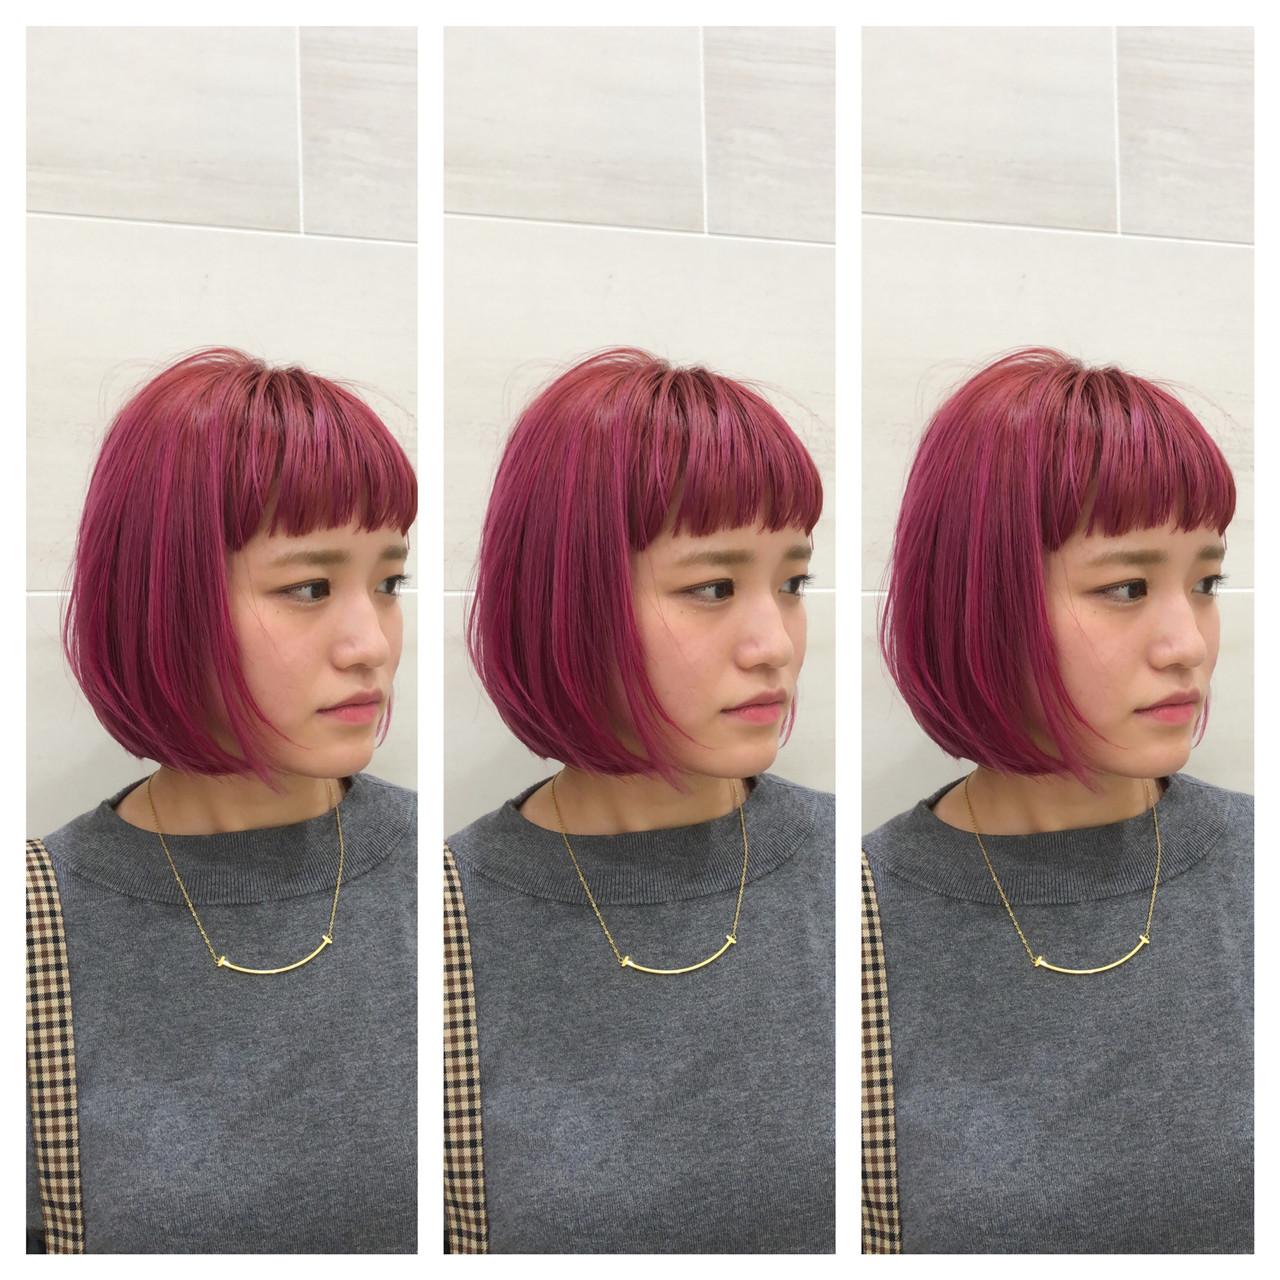 ボブ モード ピンク 切りっぱなしボブ ヘアスタイルや髪型の写真・画像